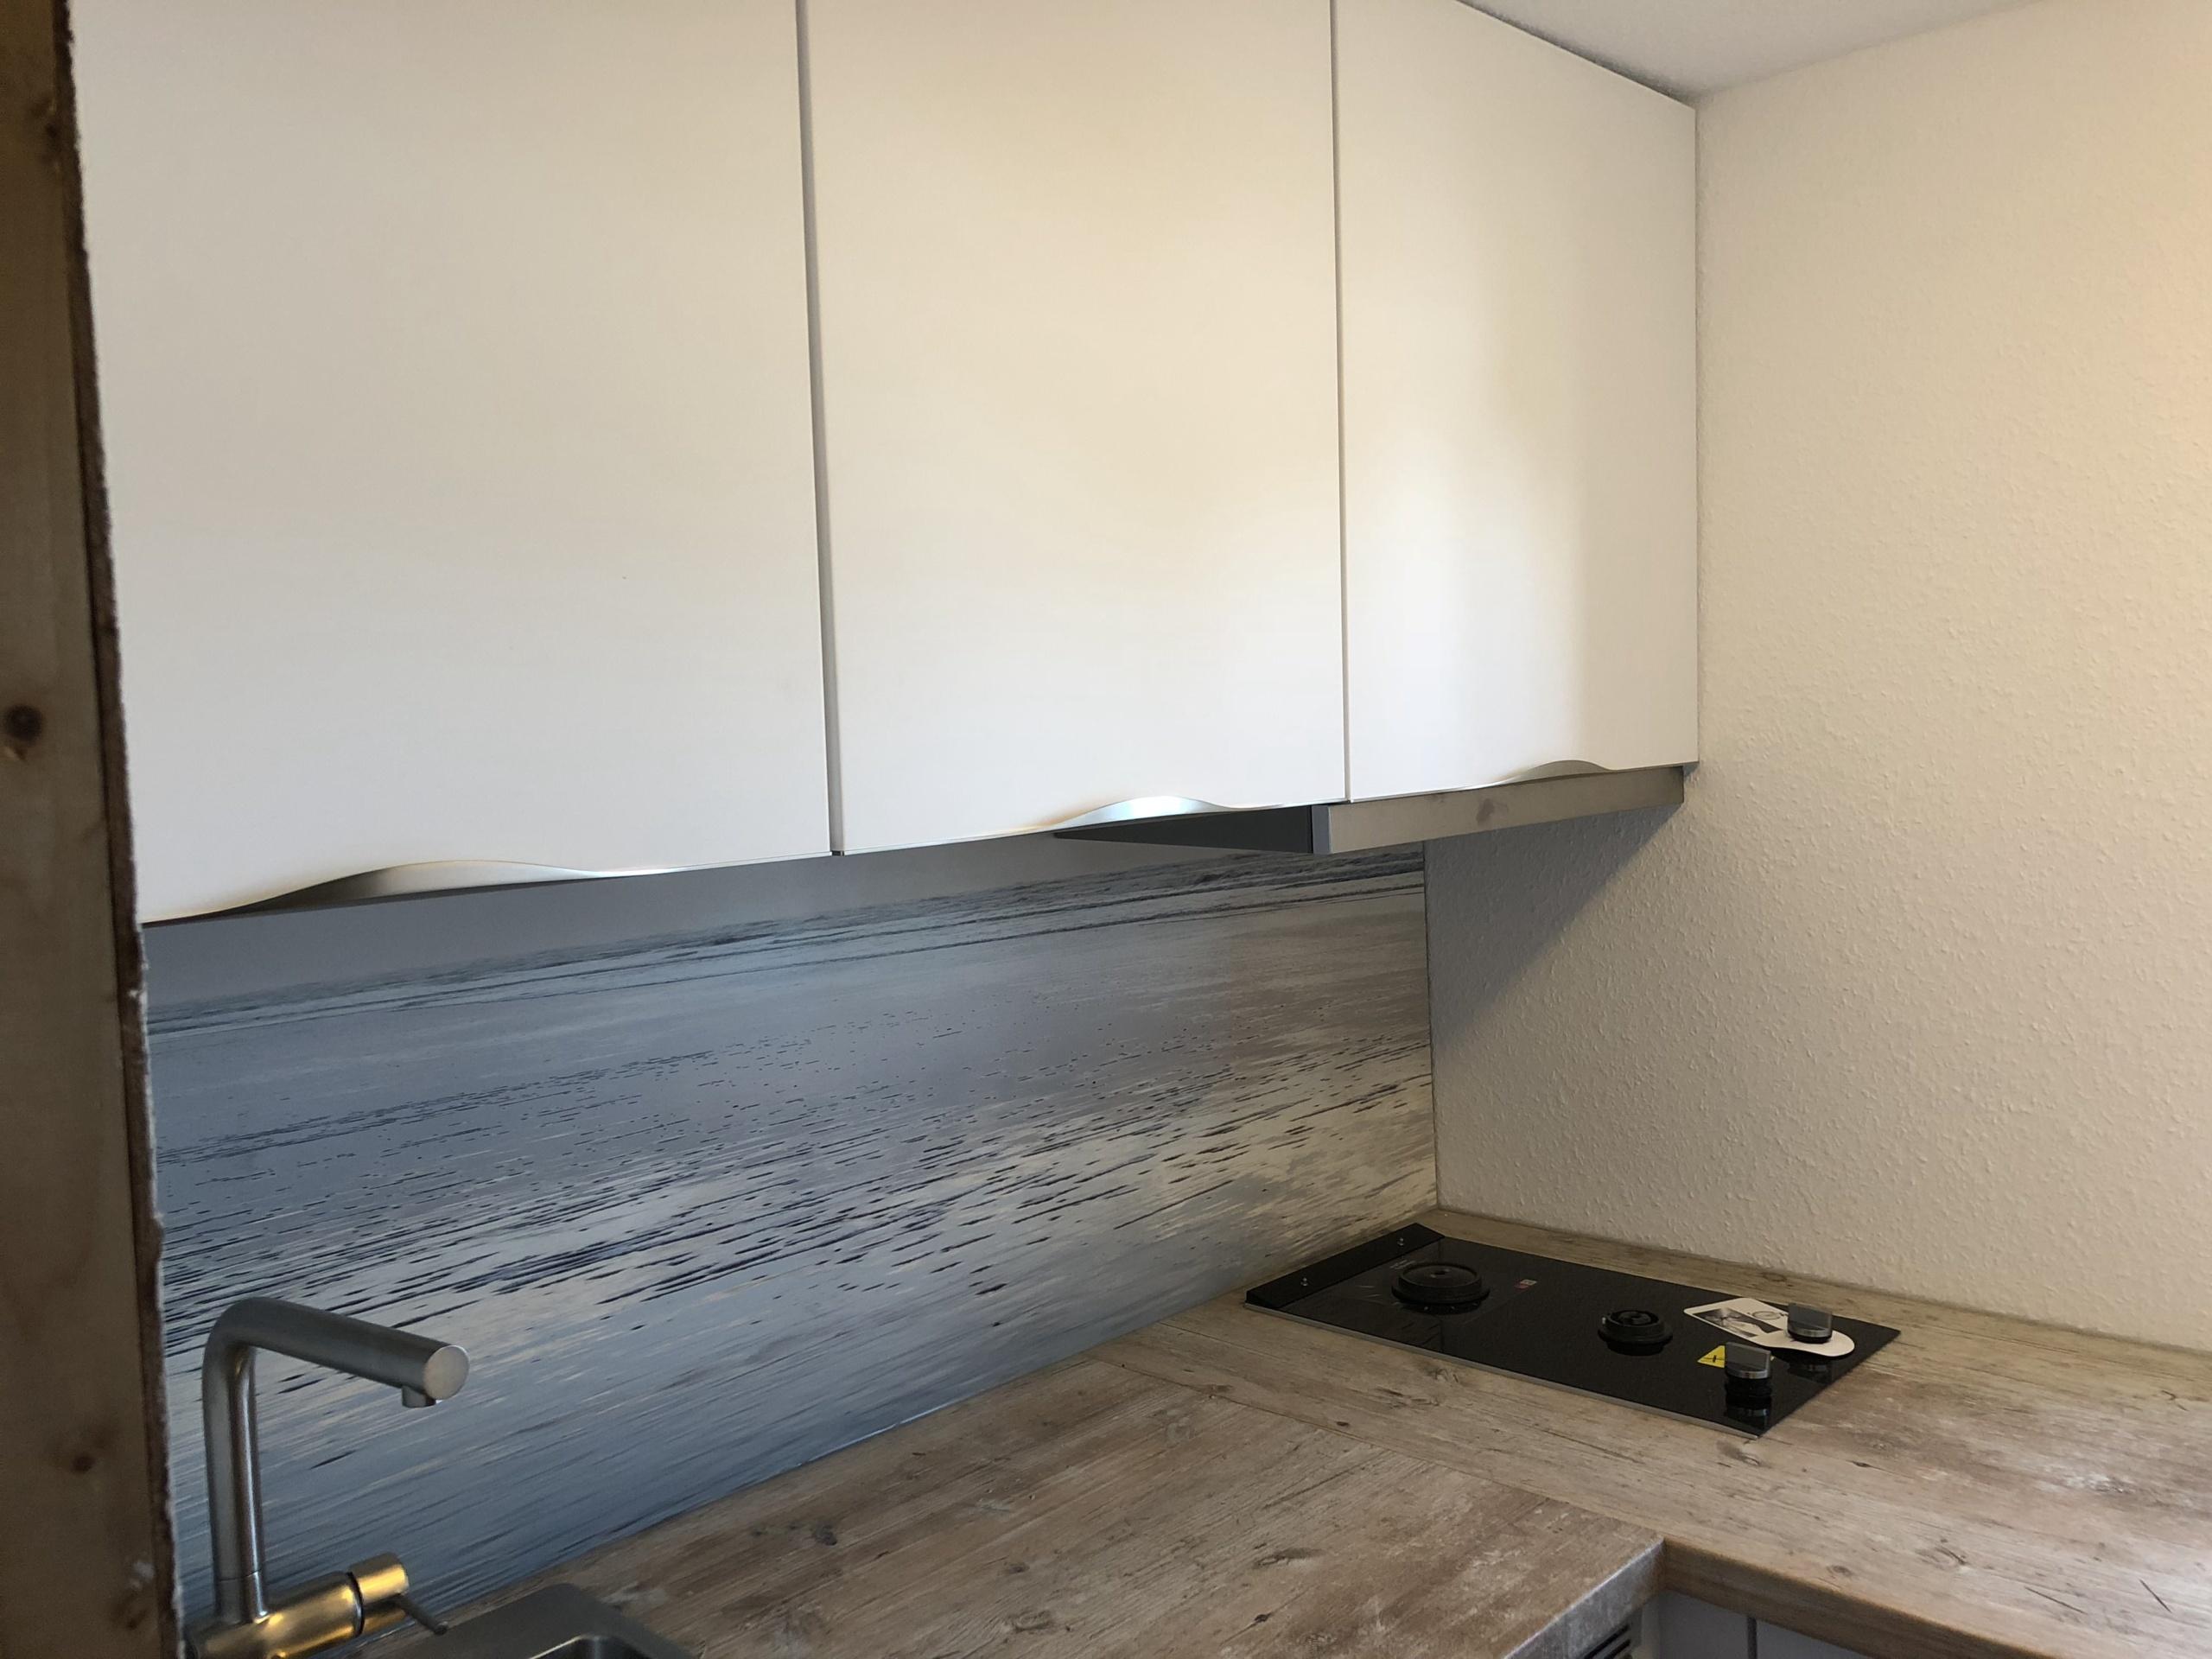 Küche-im-Wohnwagen-Nischenrückwad